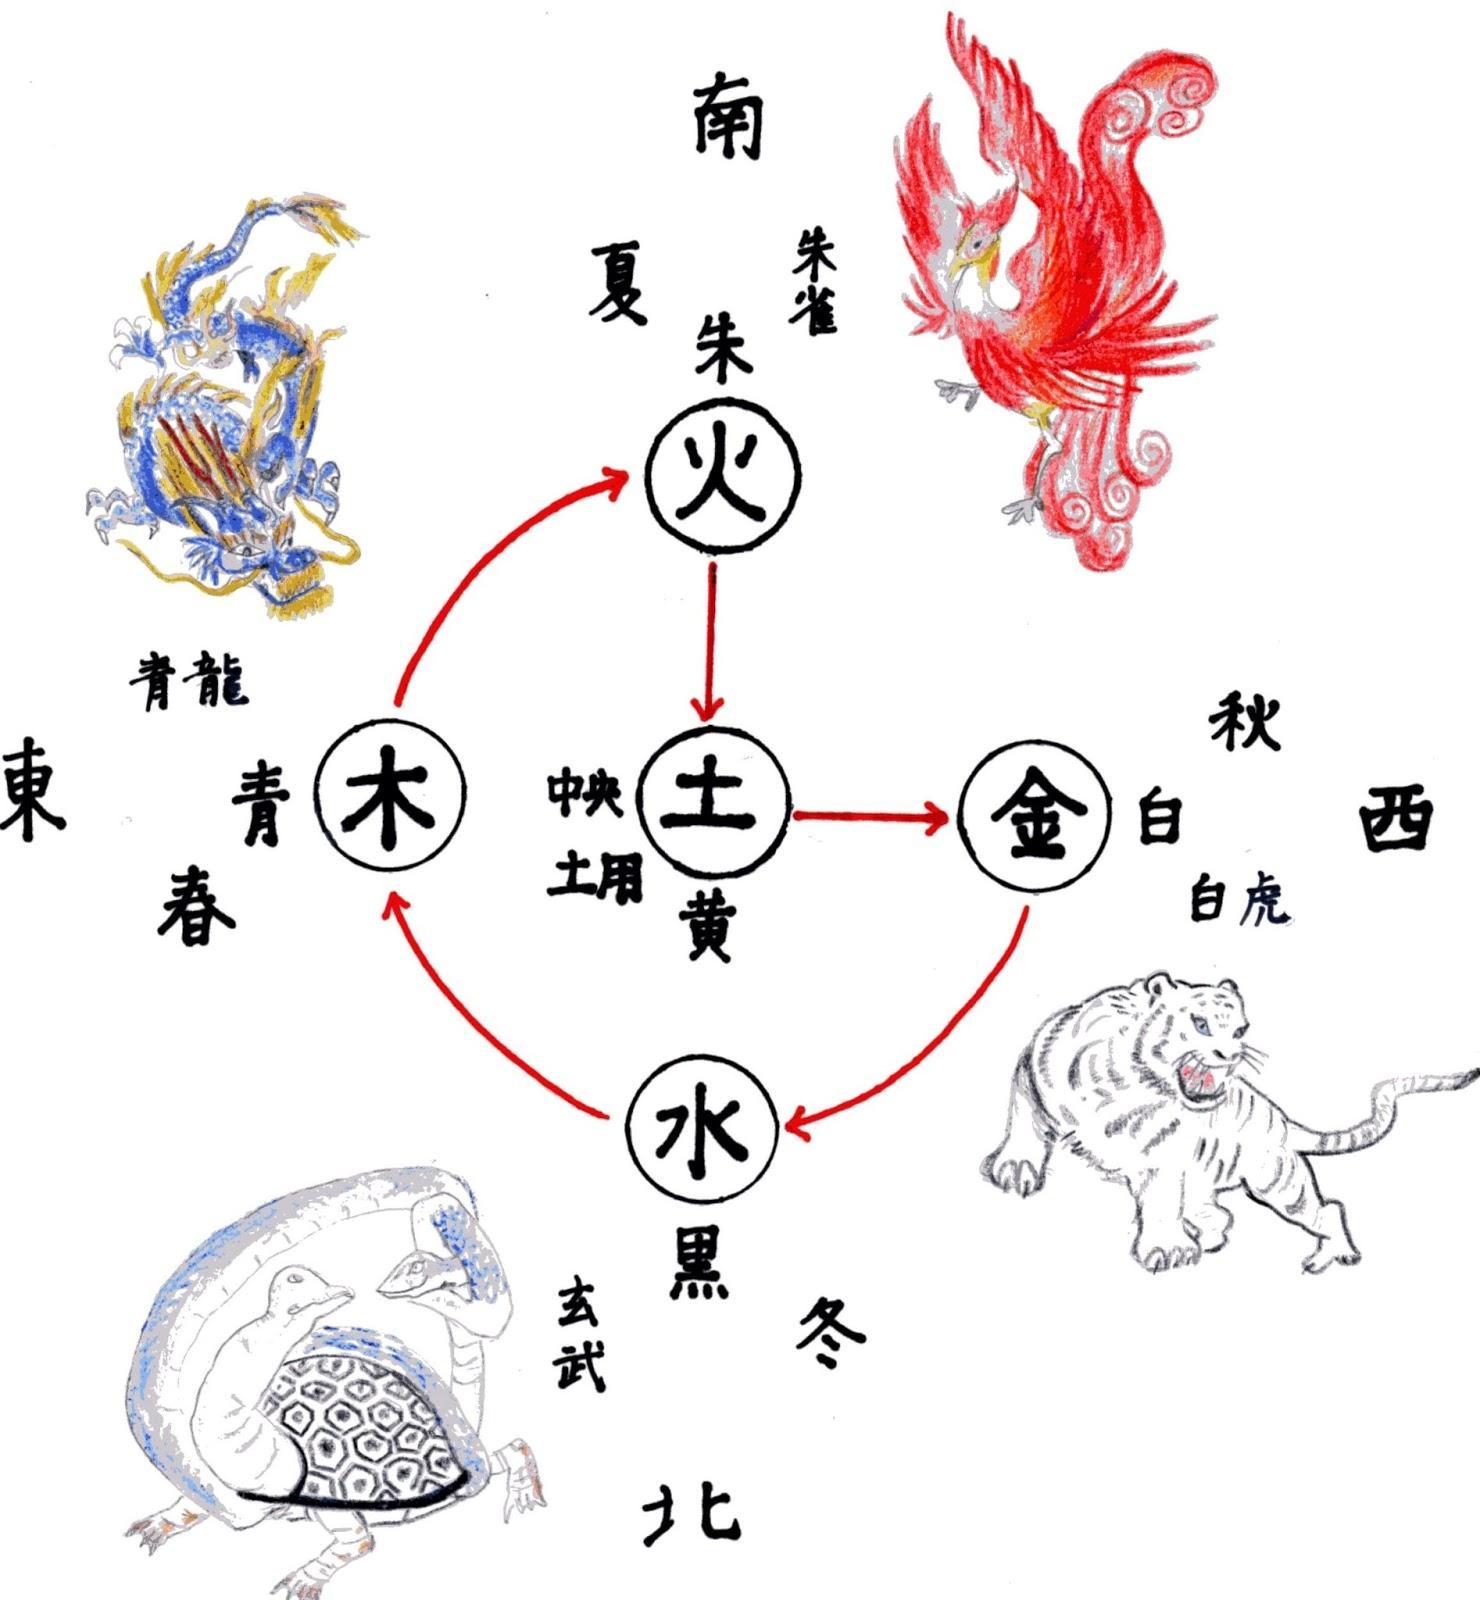 京都前世平安京 为封印怨灵·魑魅魍魉而建